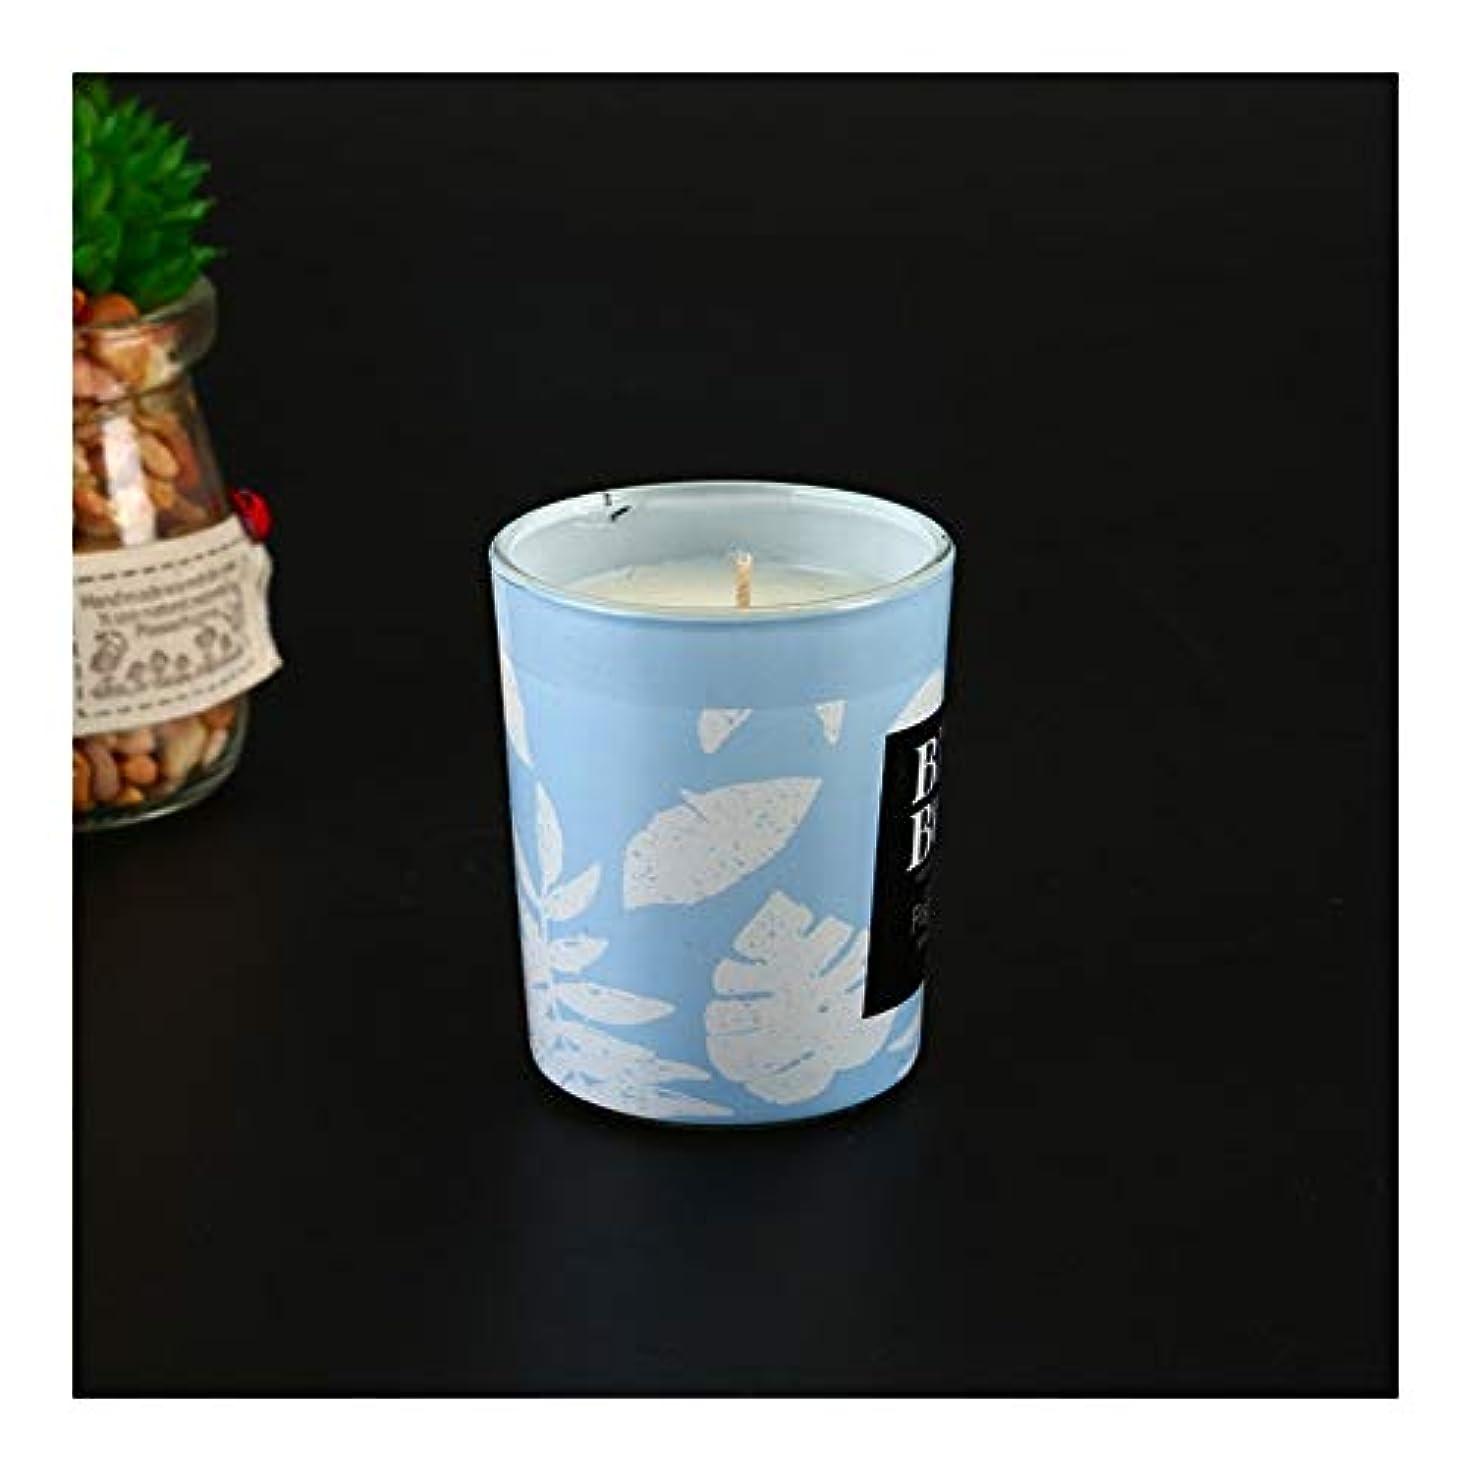 太字いつか山Ztian アロマセラピーキャンドルカップ告白アーティファクトキャンドル手で環境に優しい無煙大豆ワックス (色 : Blue wind chime)